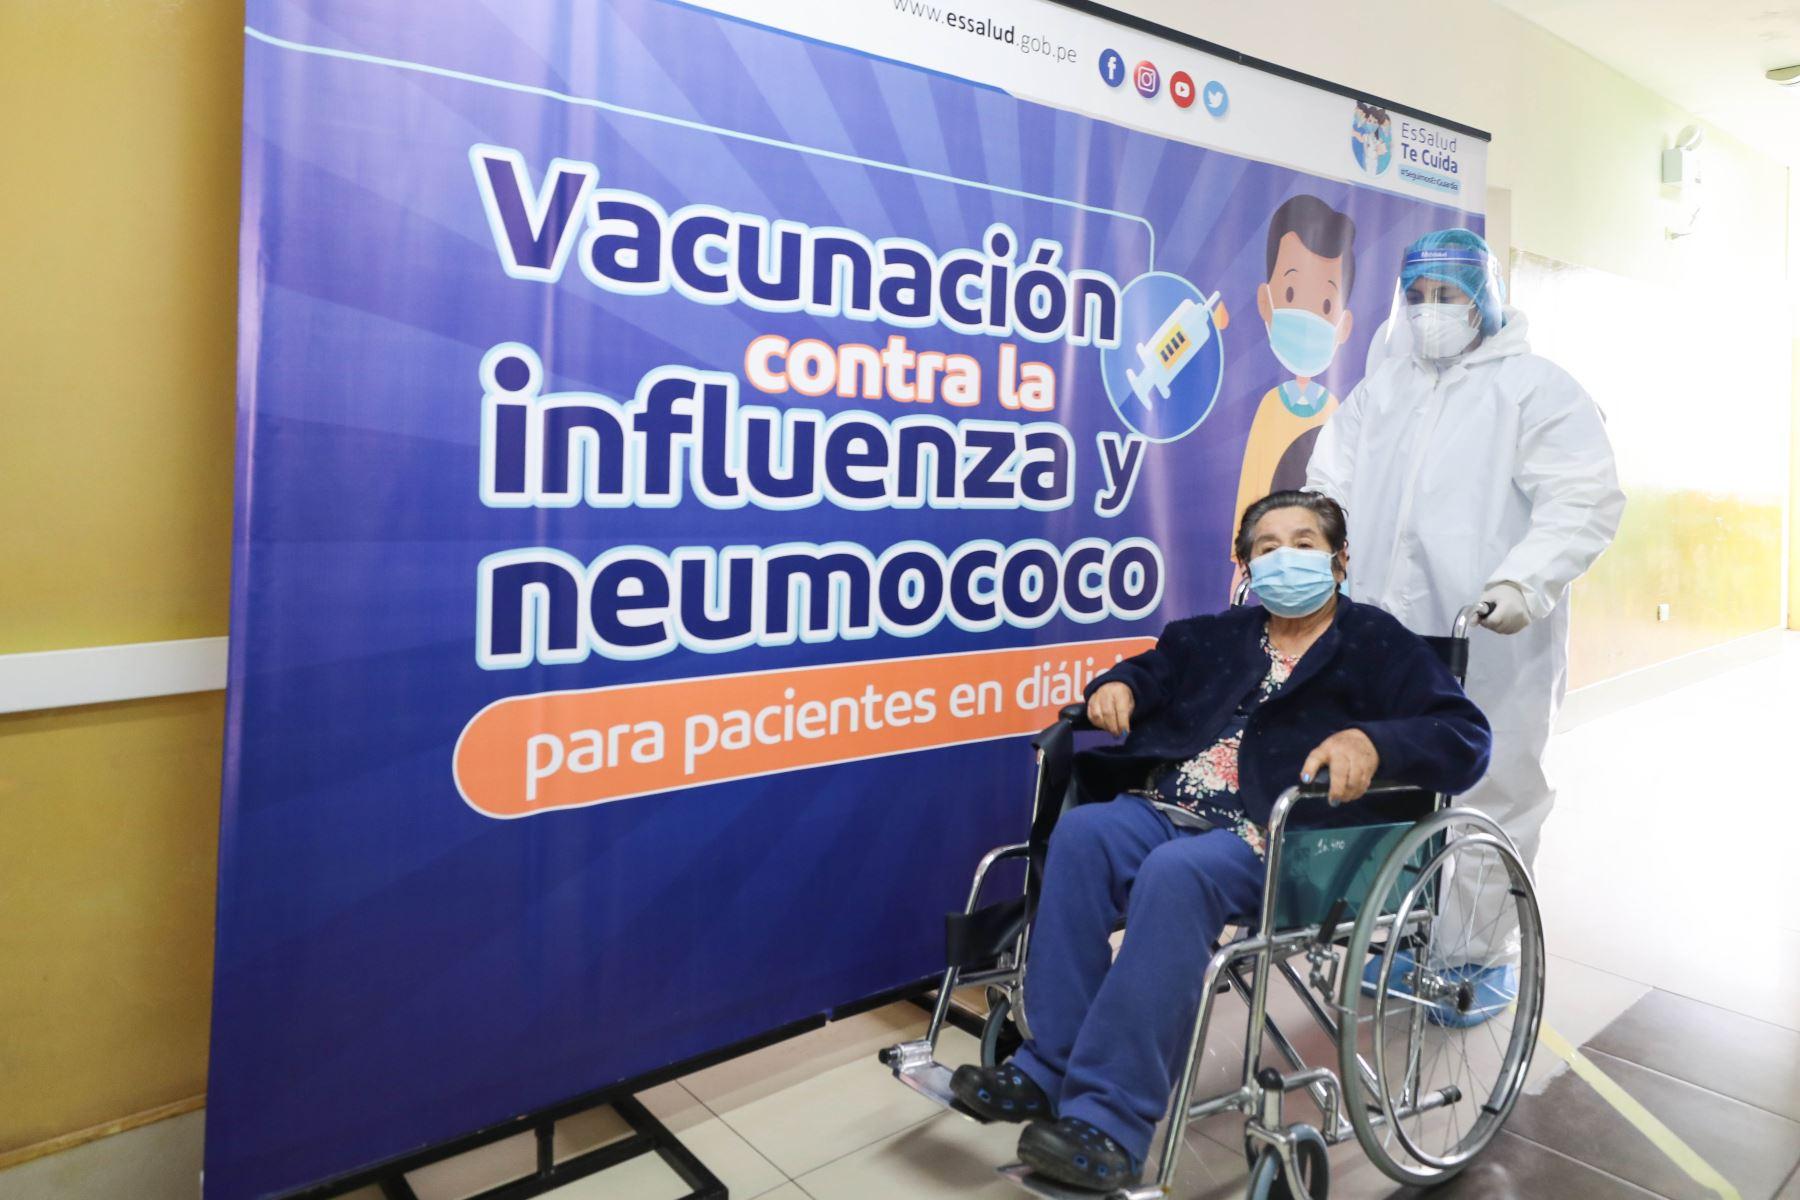 Vacunarán contra influenza y neumococo a 4 mil pacientes en diálisis de Lima y Callao